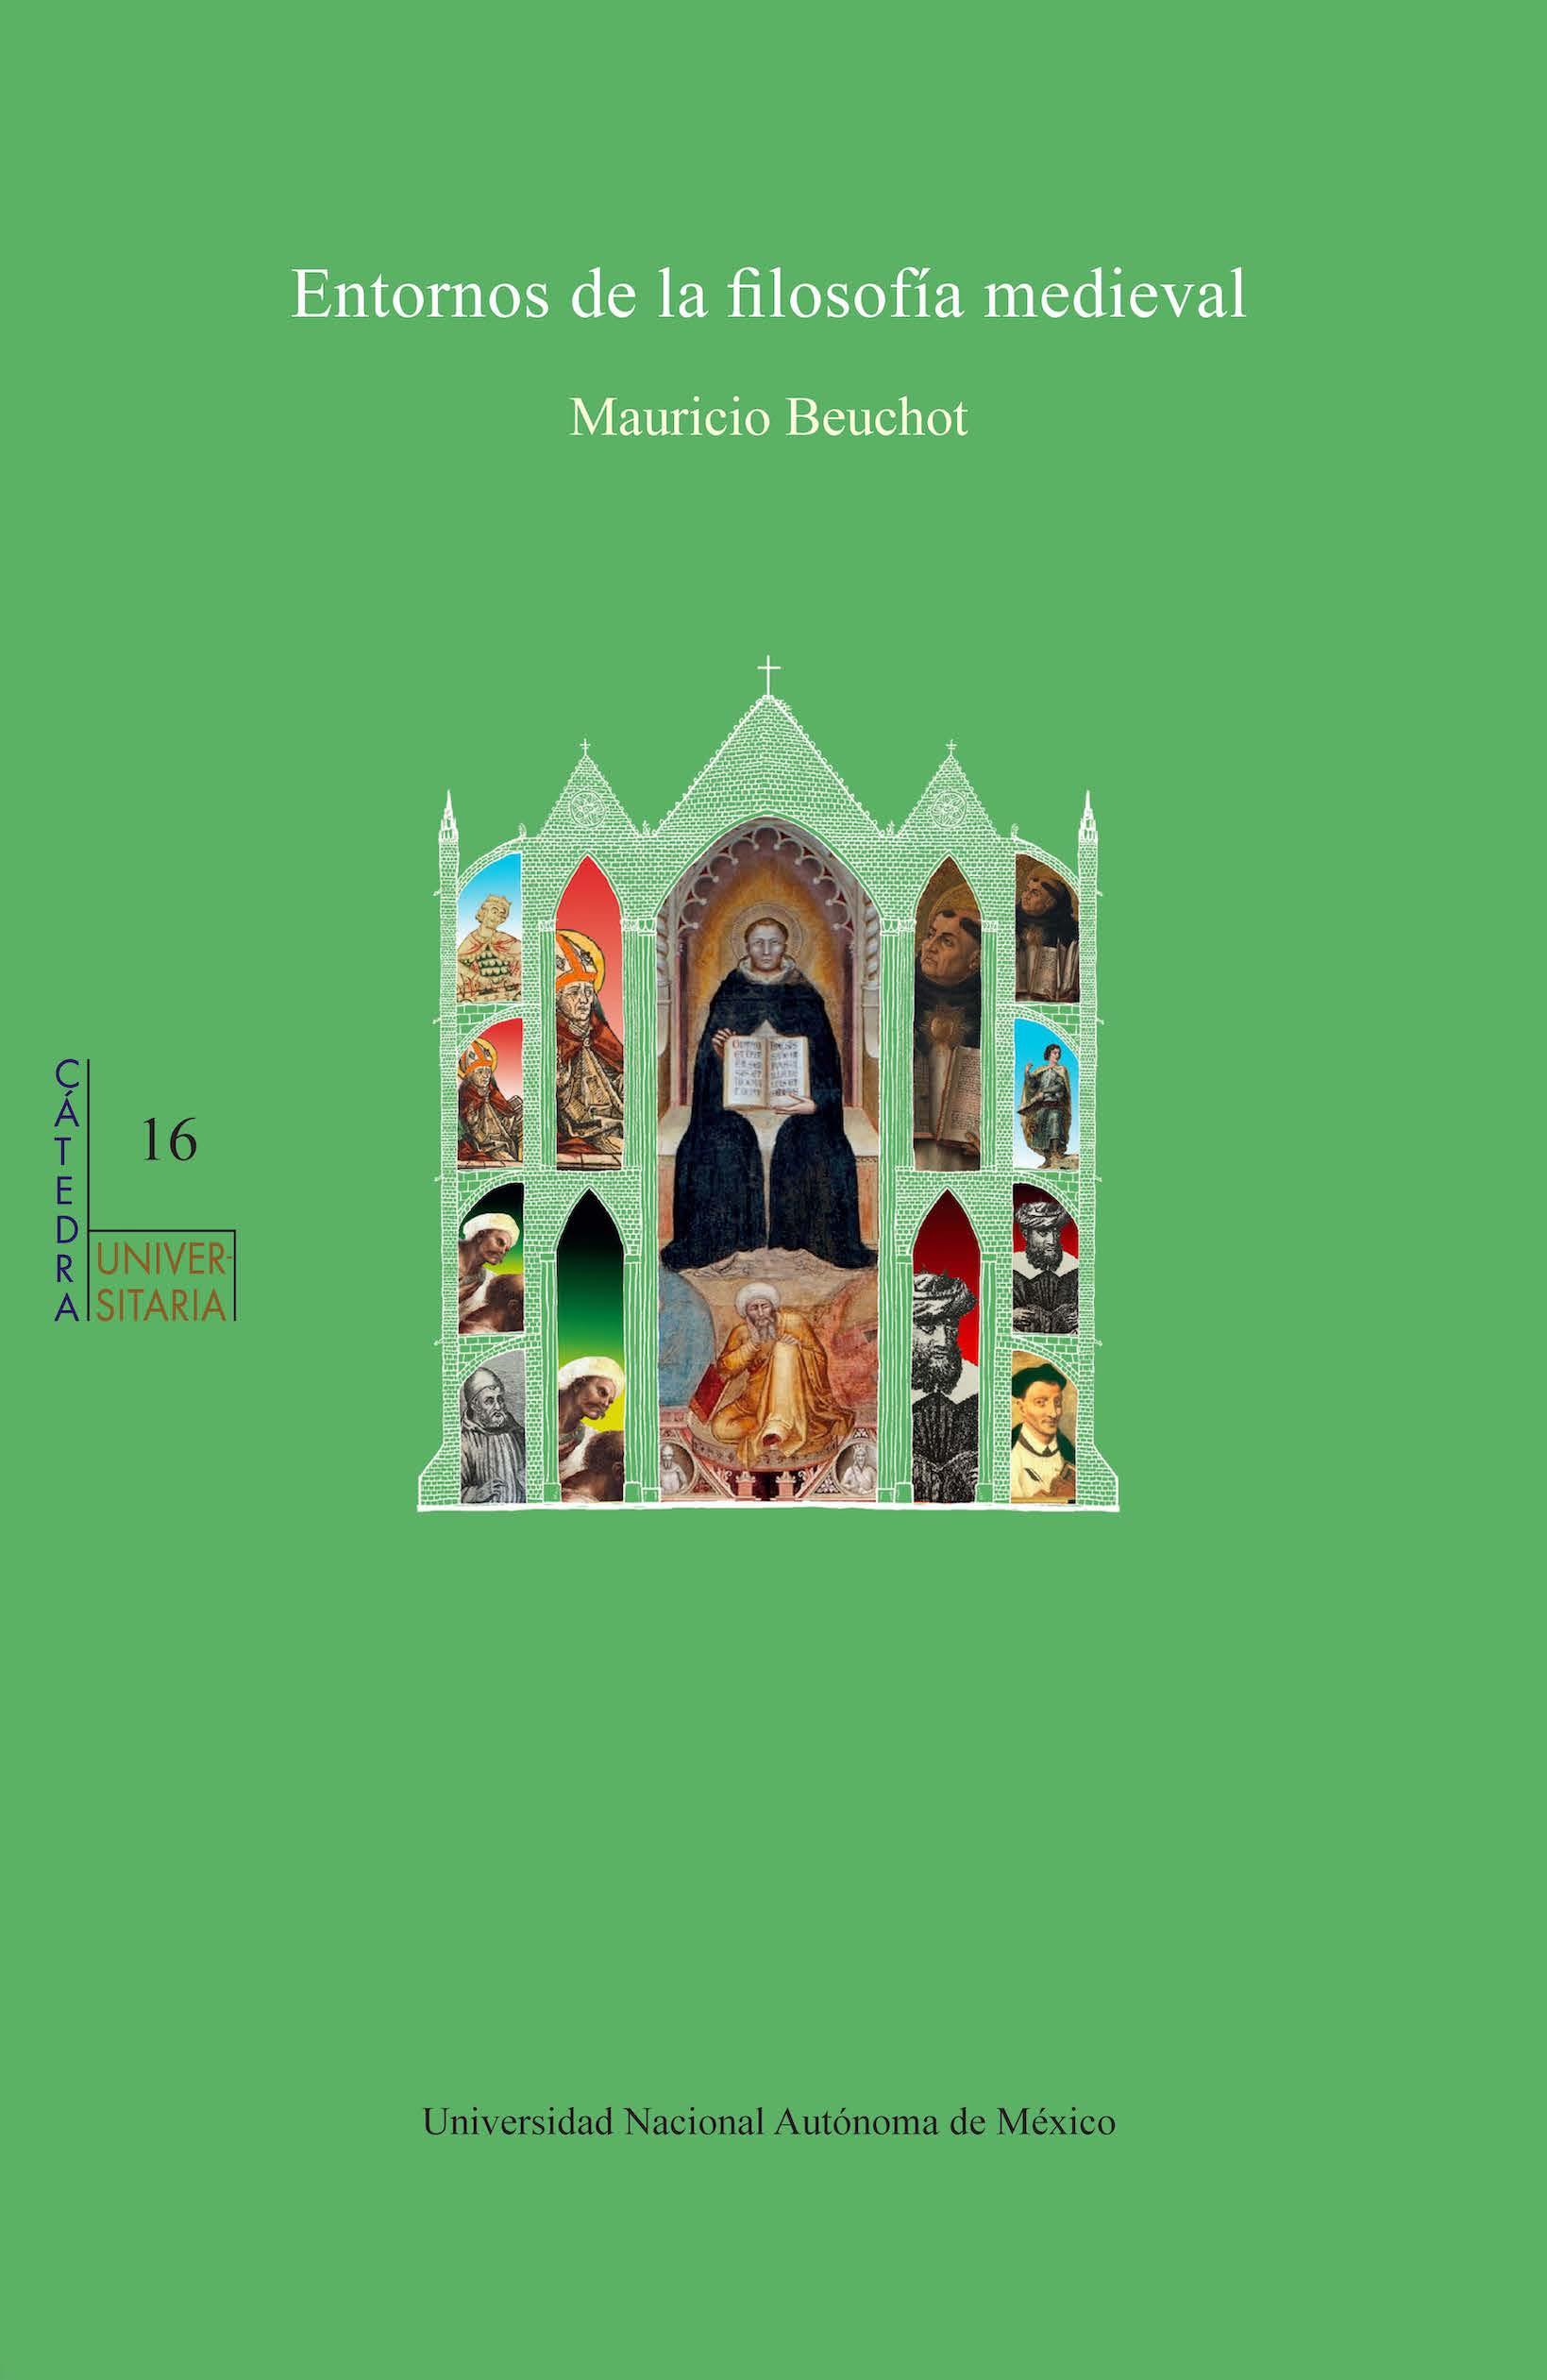 Entornos de la filosofía medieval